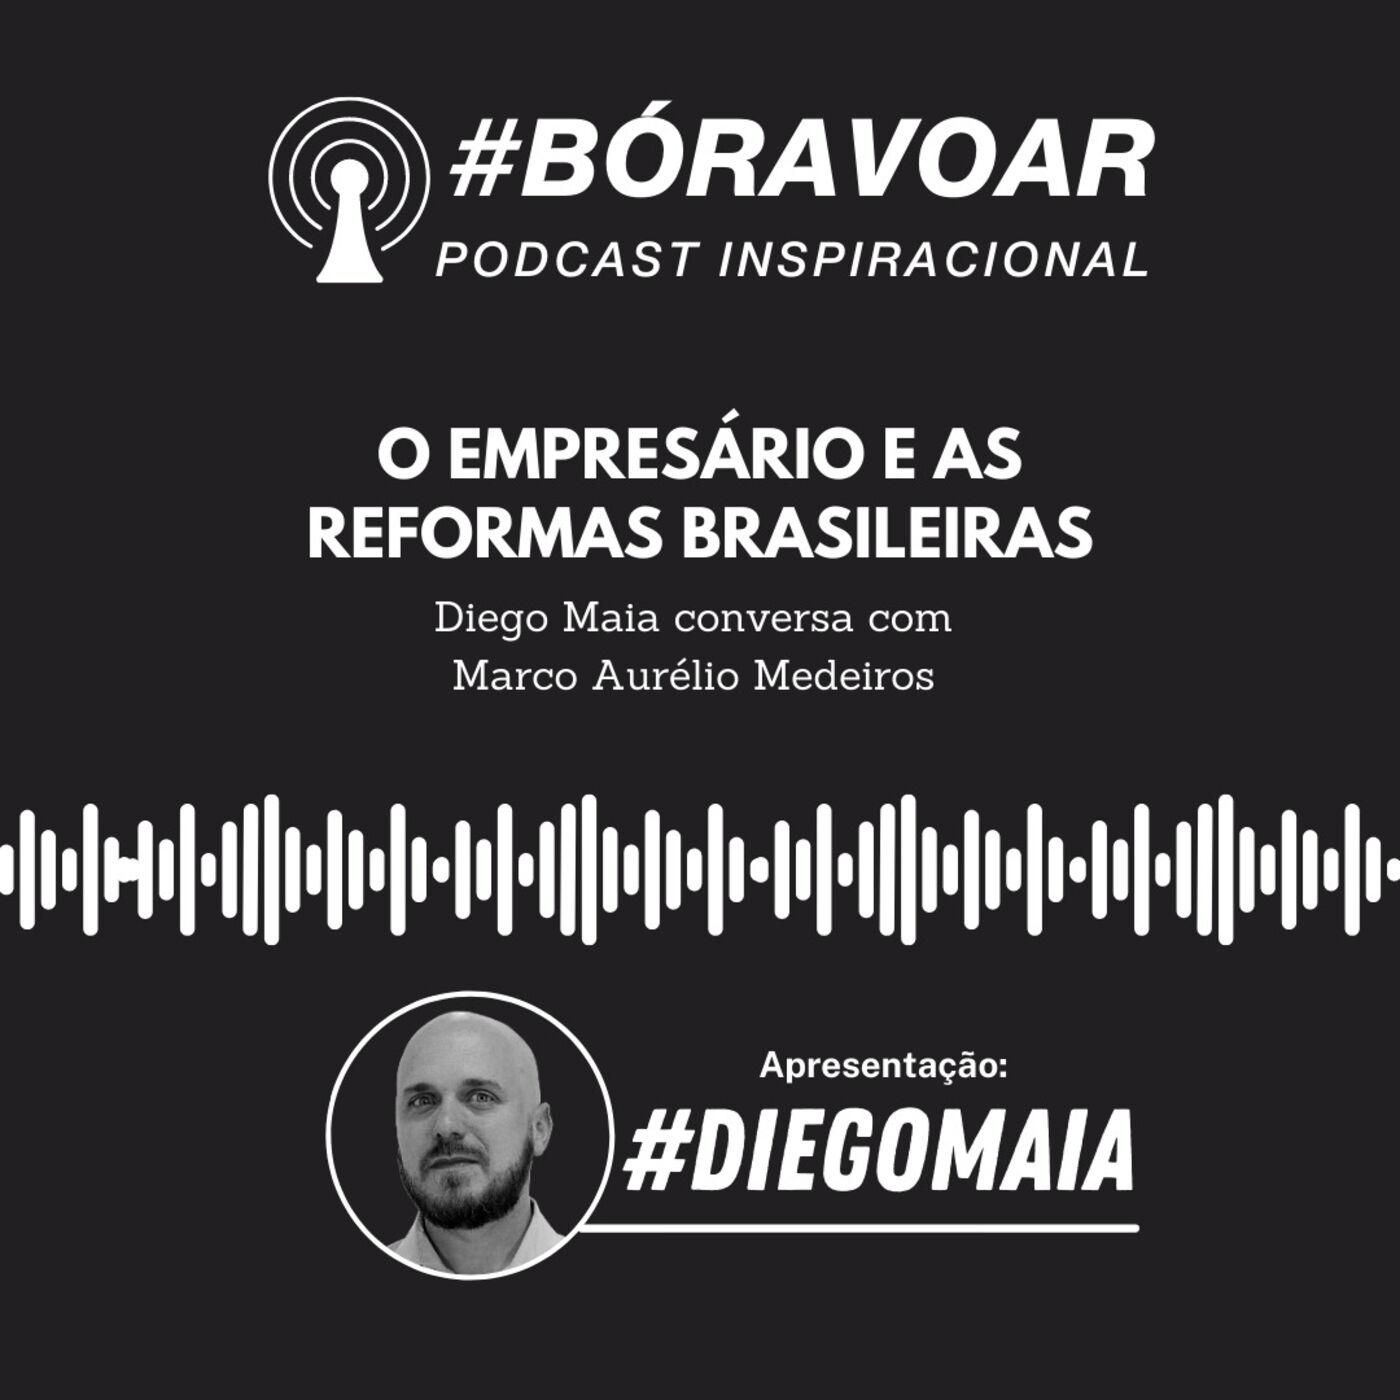 Os impactos das Reformas e as sequelas da pandemia na vida empresarial brasileira | Diego Maia conversa com Marco Aurelio Medeiros